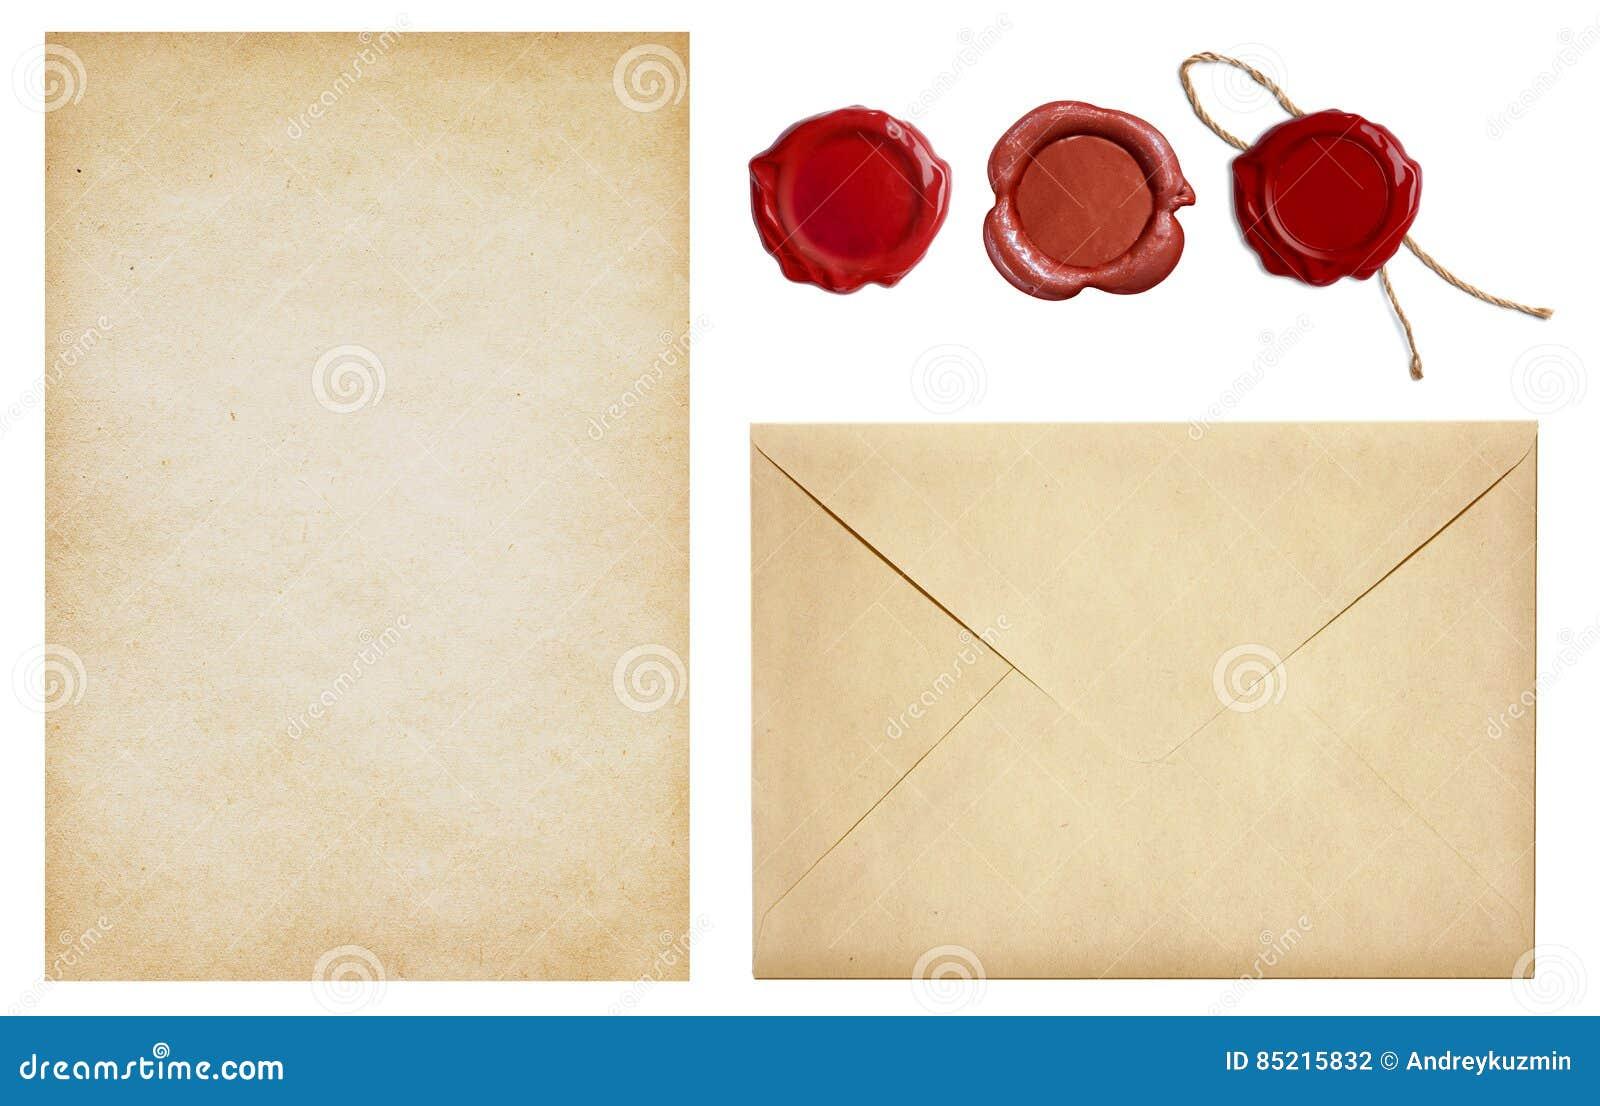 Παλαιό έγγραφο φακέλων και επιστολών με τα γραμματόσημα σφραγίδων κεριών καθορισμένα απομονωμένα